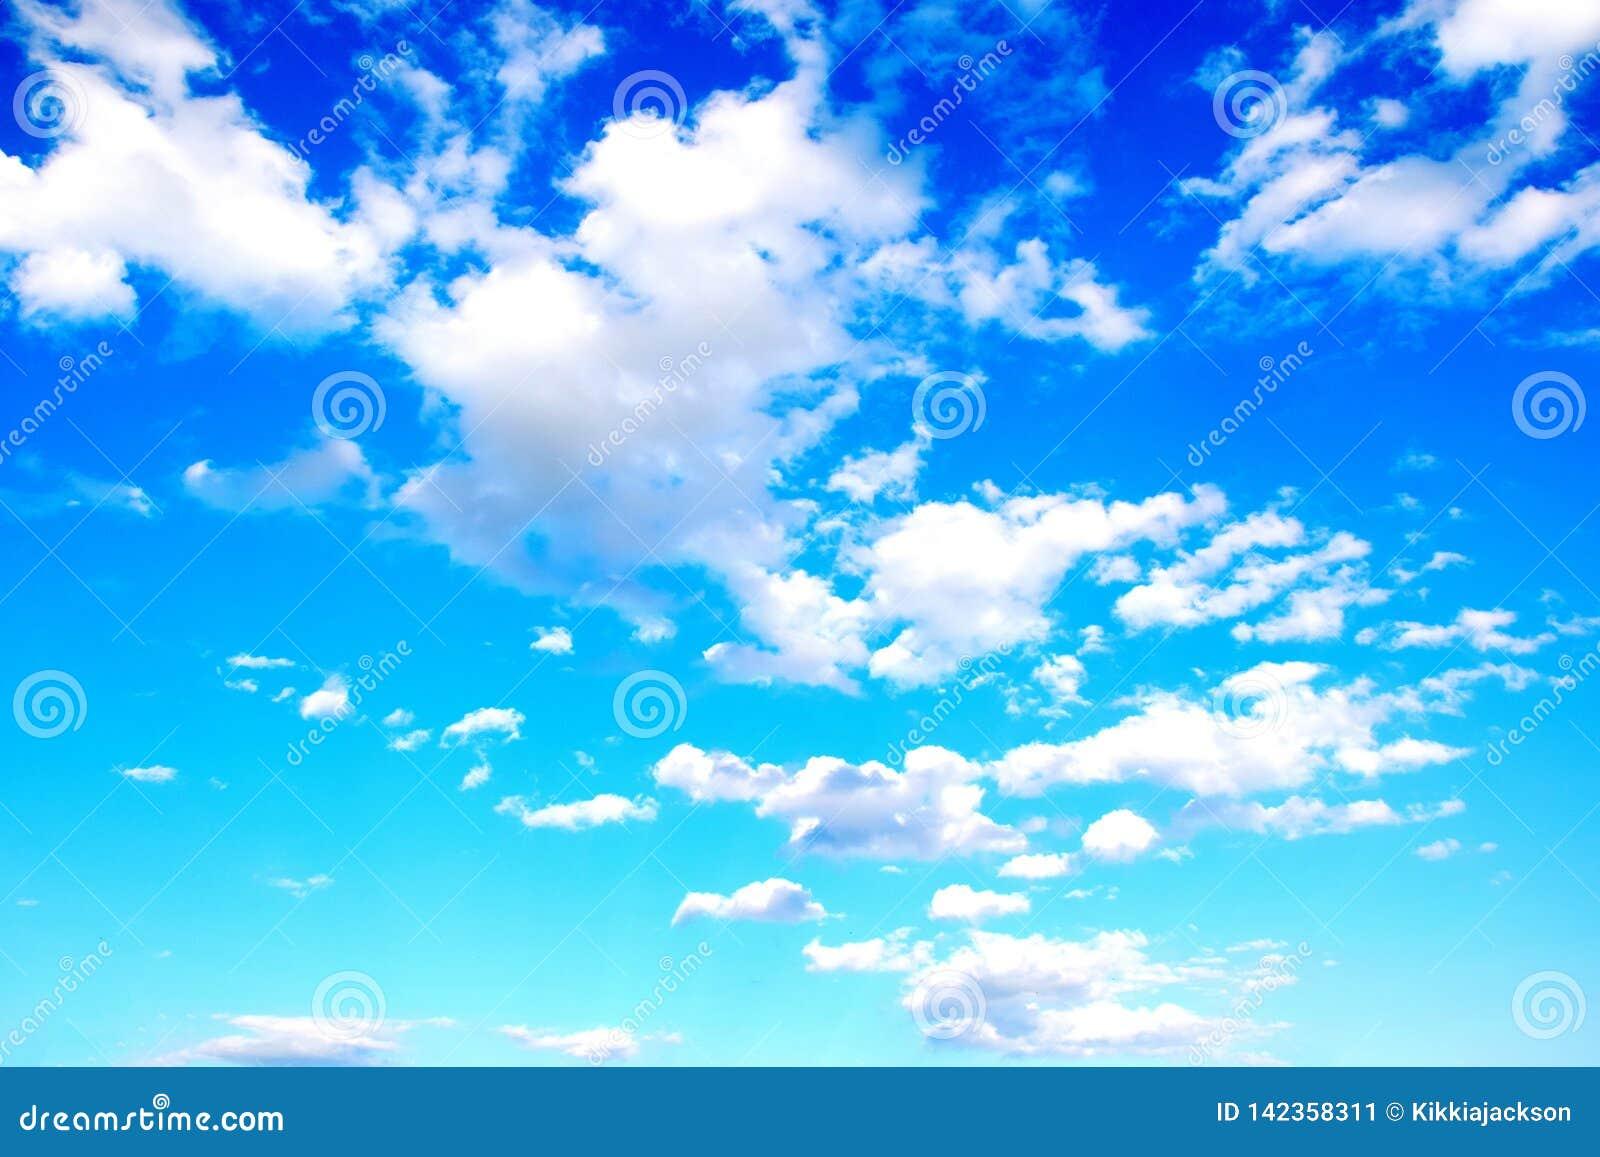 Μπλε ουρανού με τη ζωηρόχρωμη φυσική φωτογραφία αποθεμάτων υποβάθρου